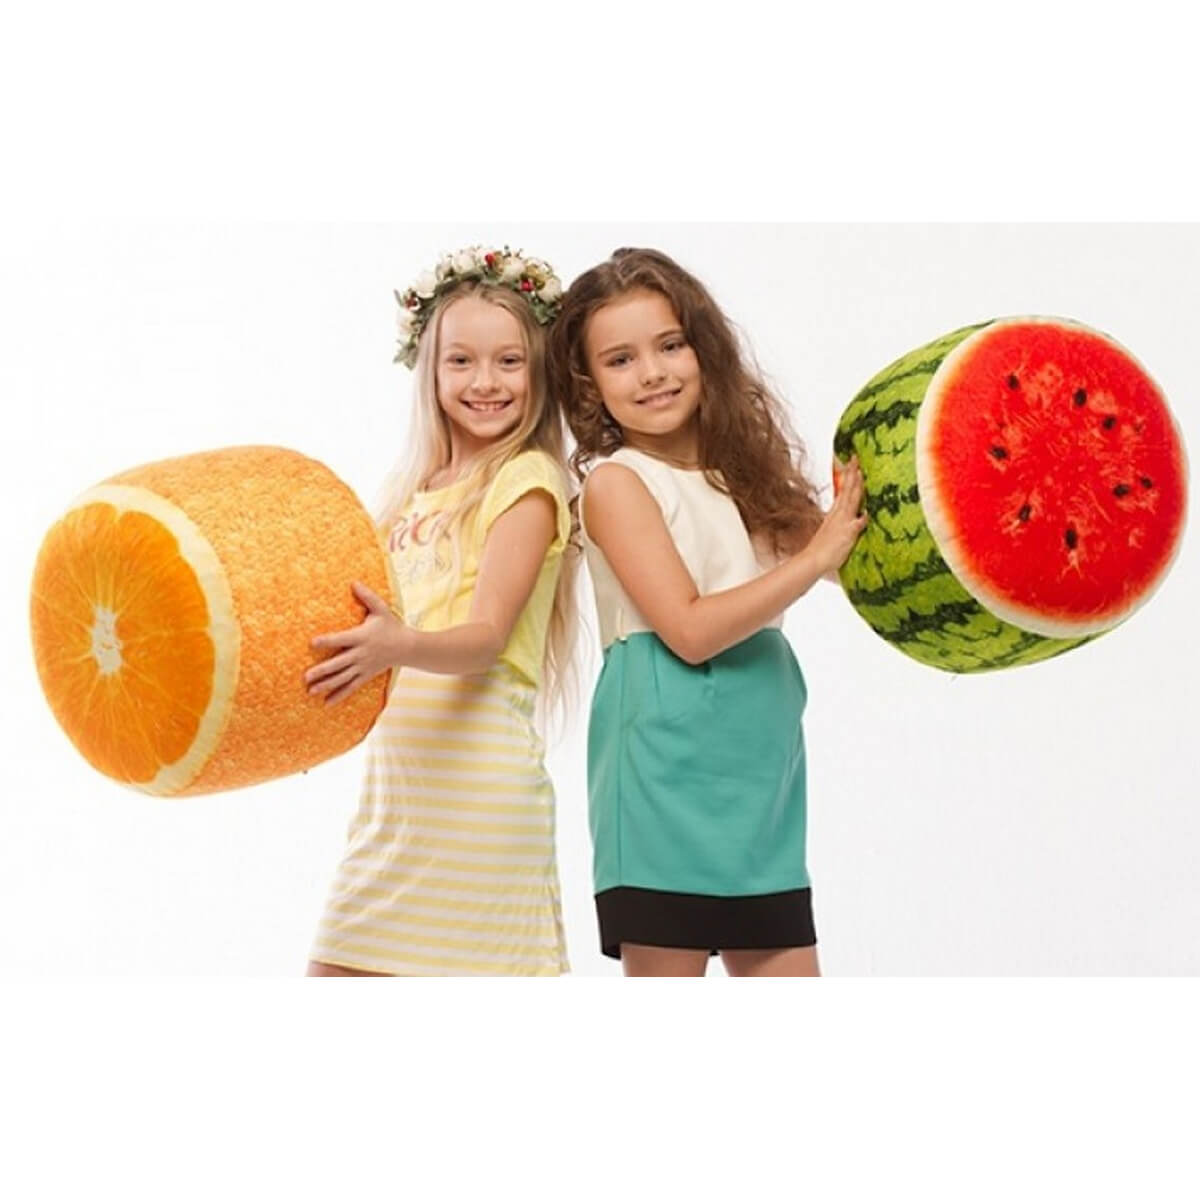 danko toys Мягкий надувной пуфик «Fruit Pouf» НВ-08-05